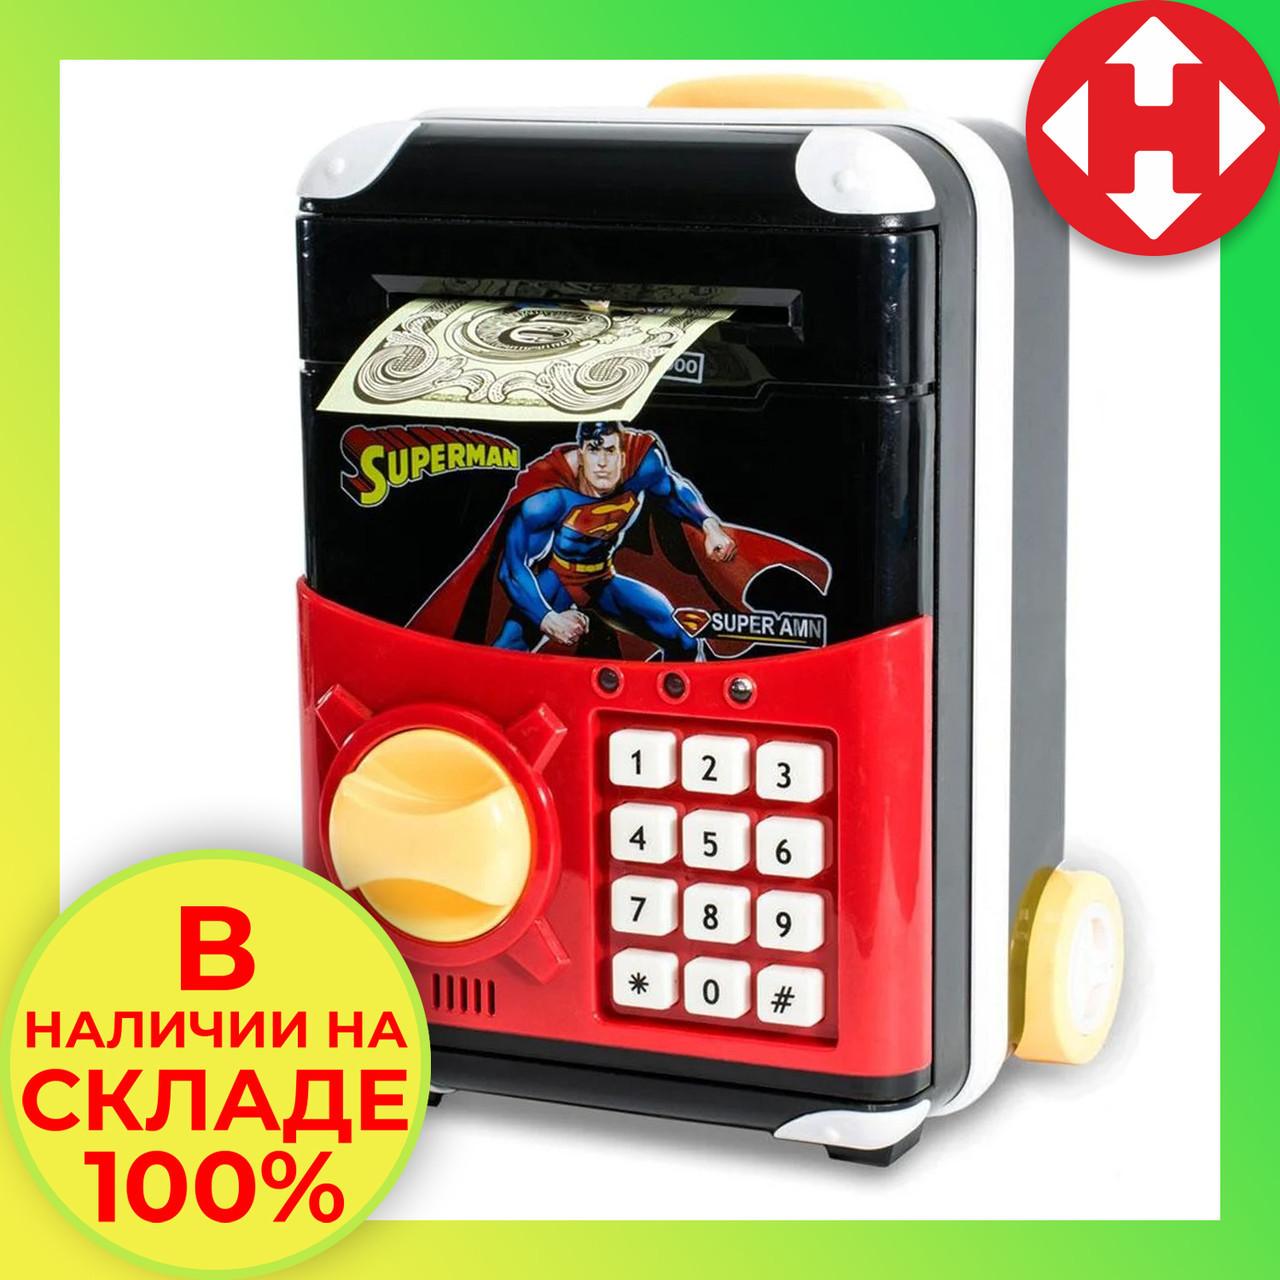 Сейф детский с электронным кодовым замком, для детей - Супермен - копилка детская с доставкой